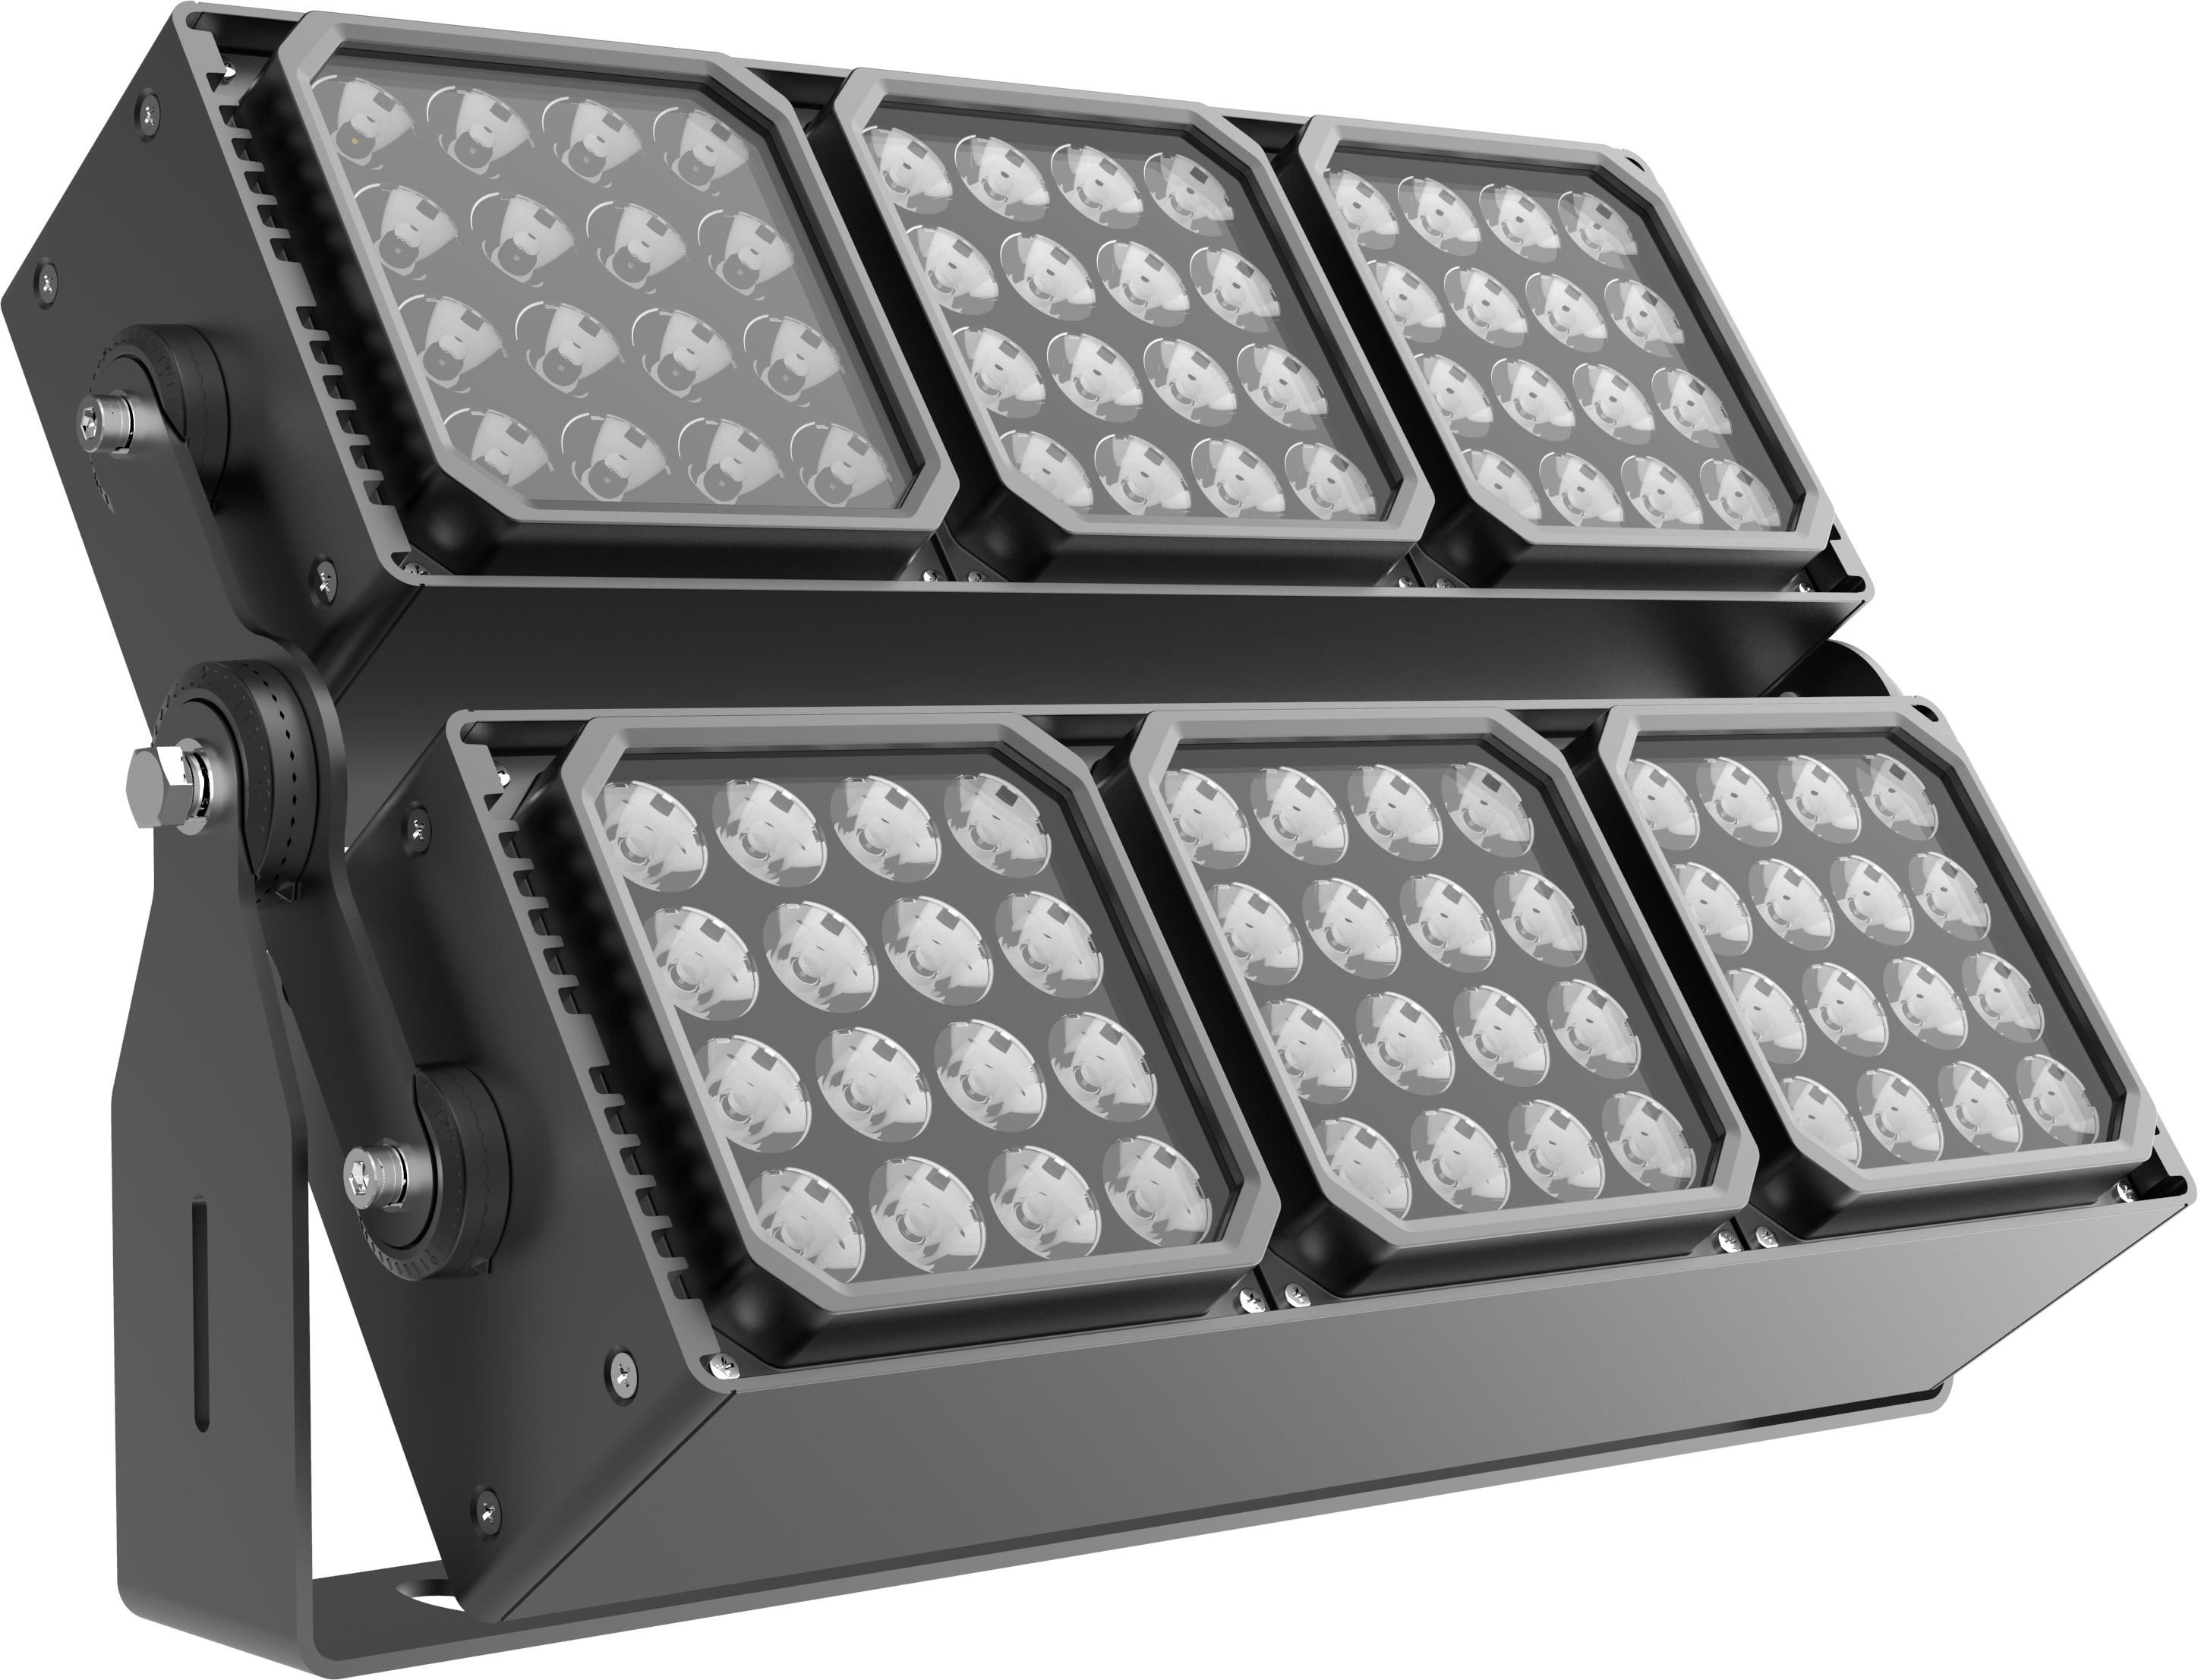 Factory Direct High Quality 72w led landscape light 36w 108w 144w 216w 36 watt rgb flood Lowest Price